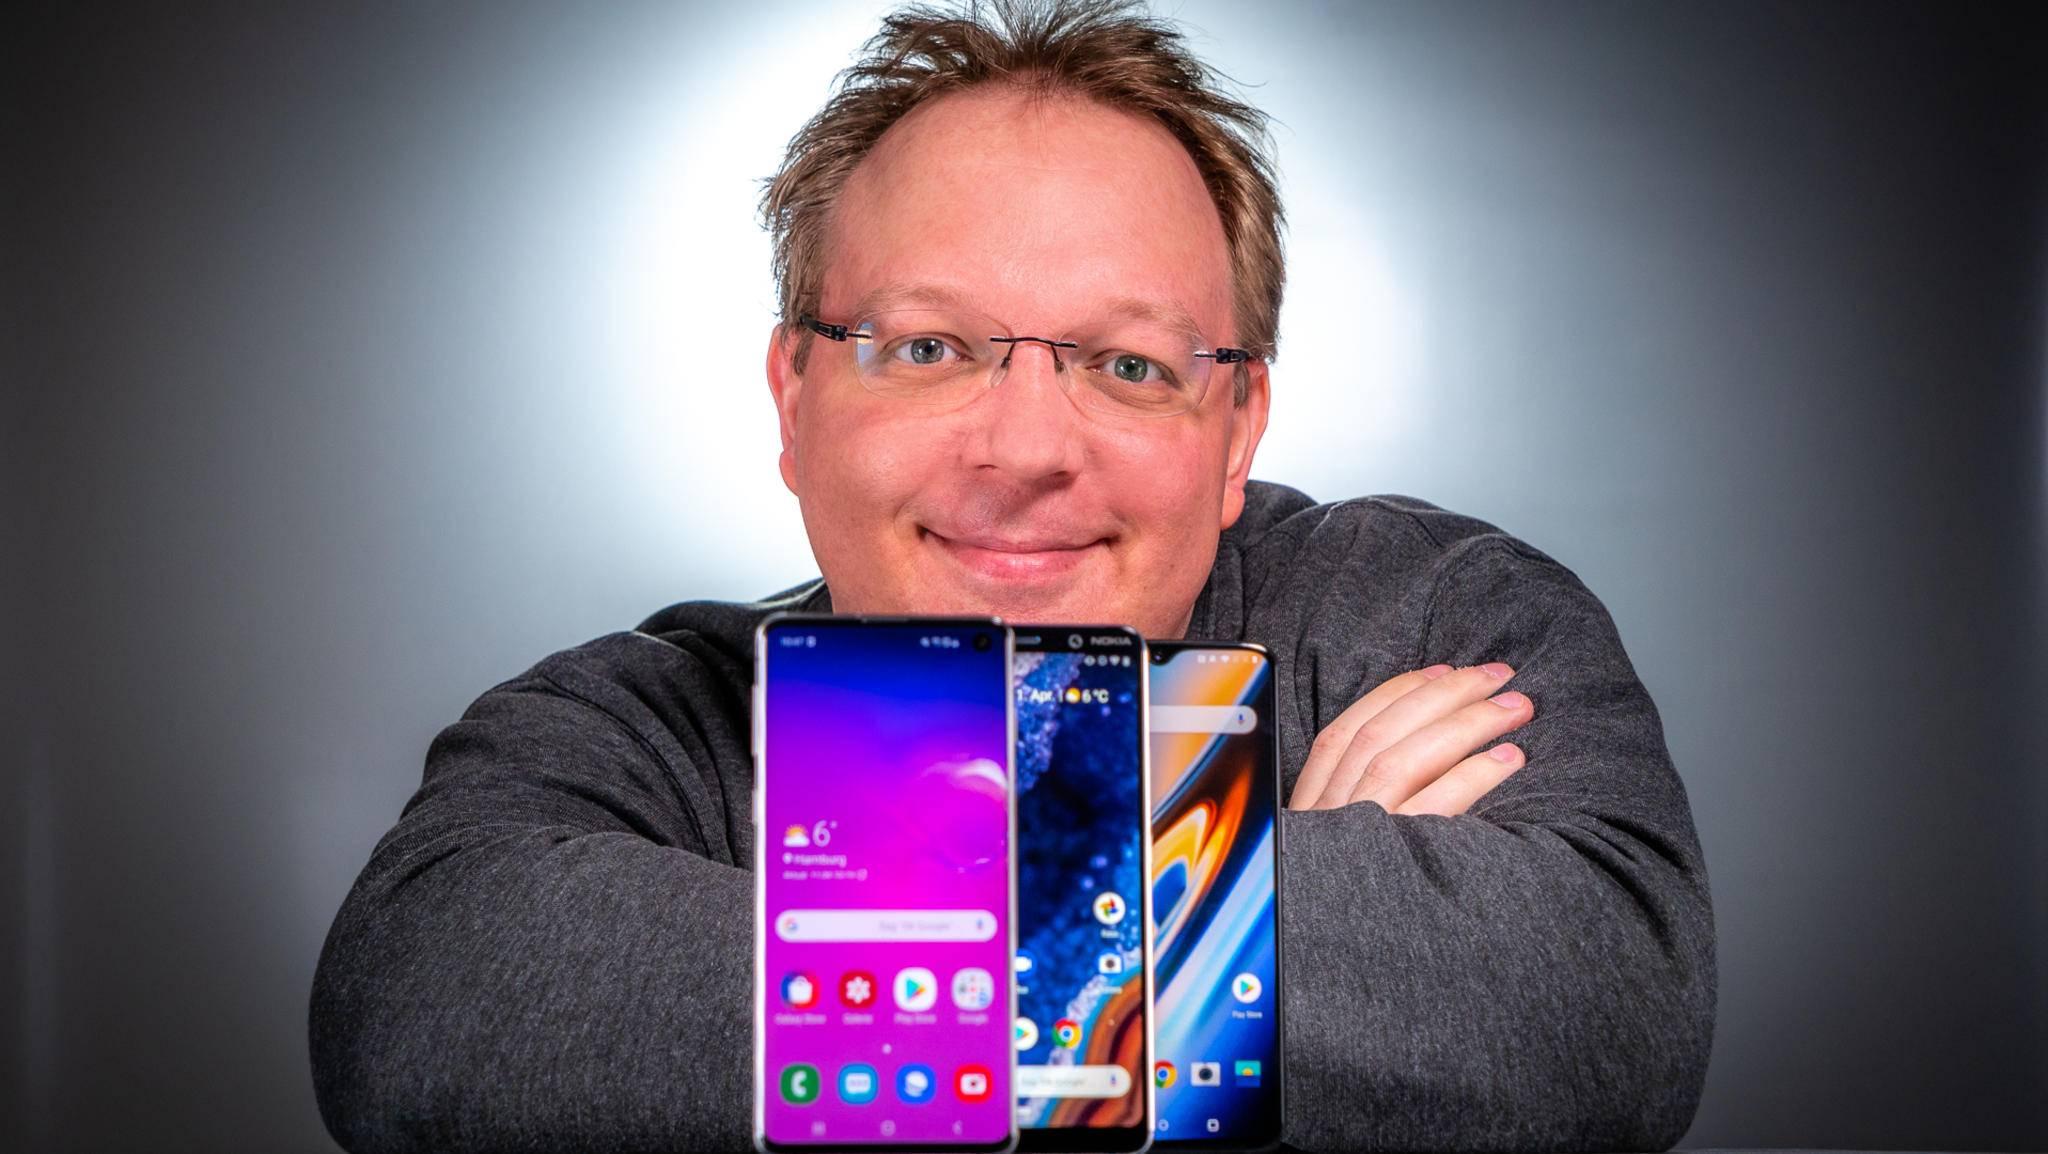 Da freut sich nicht nur Andreas: Flaggschiff-Smartphones gibt es nun standardmäßig mit hochwertigen OLED-Displays.